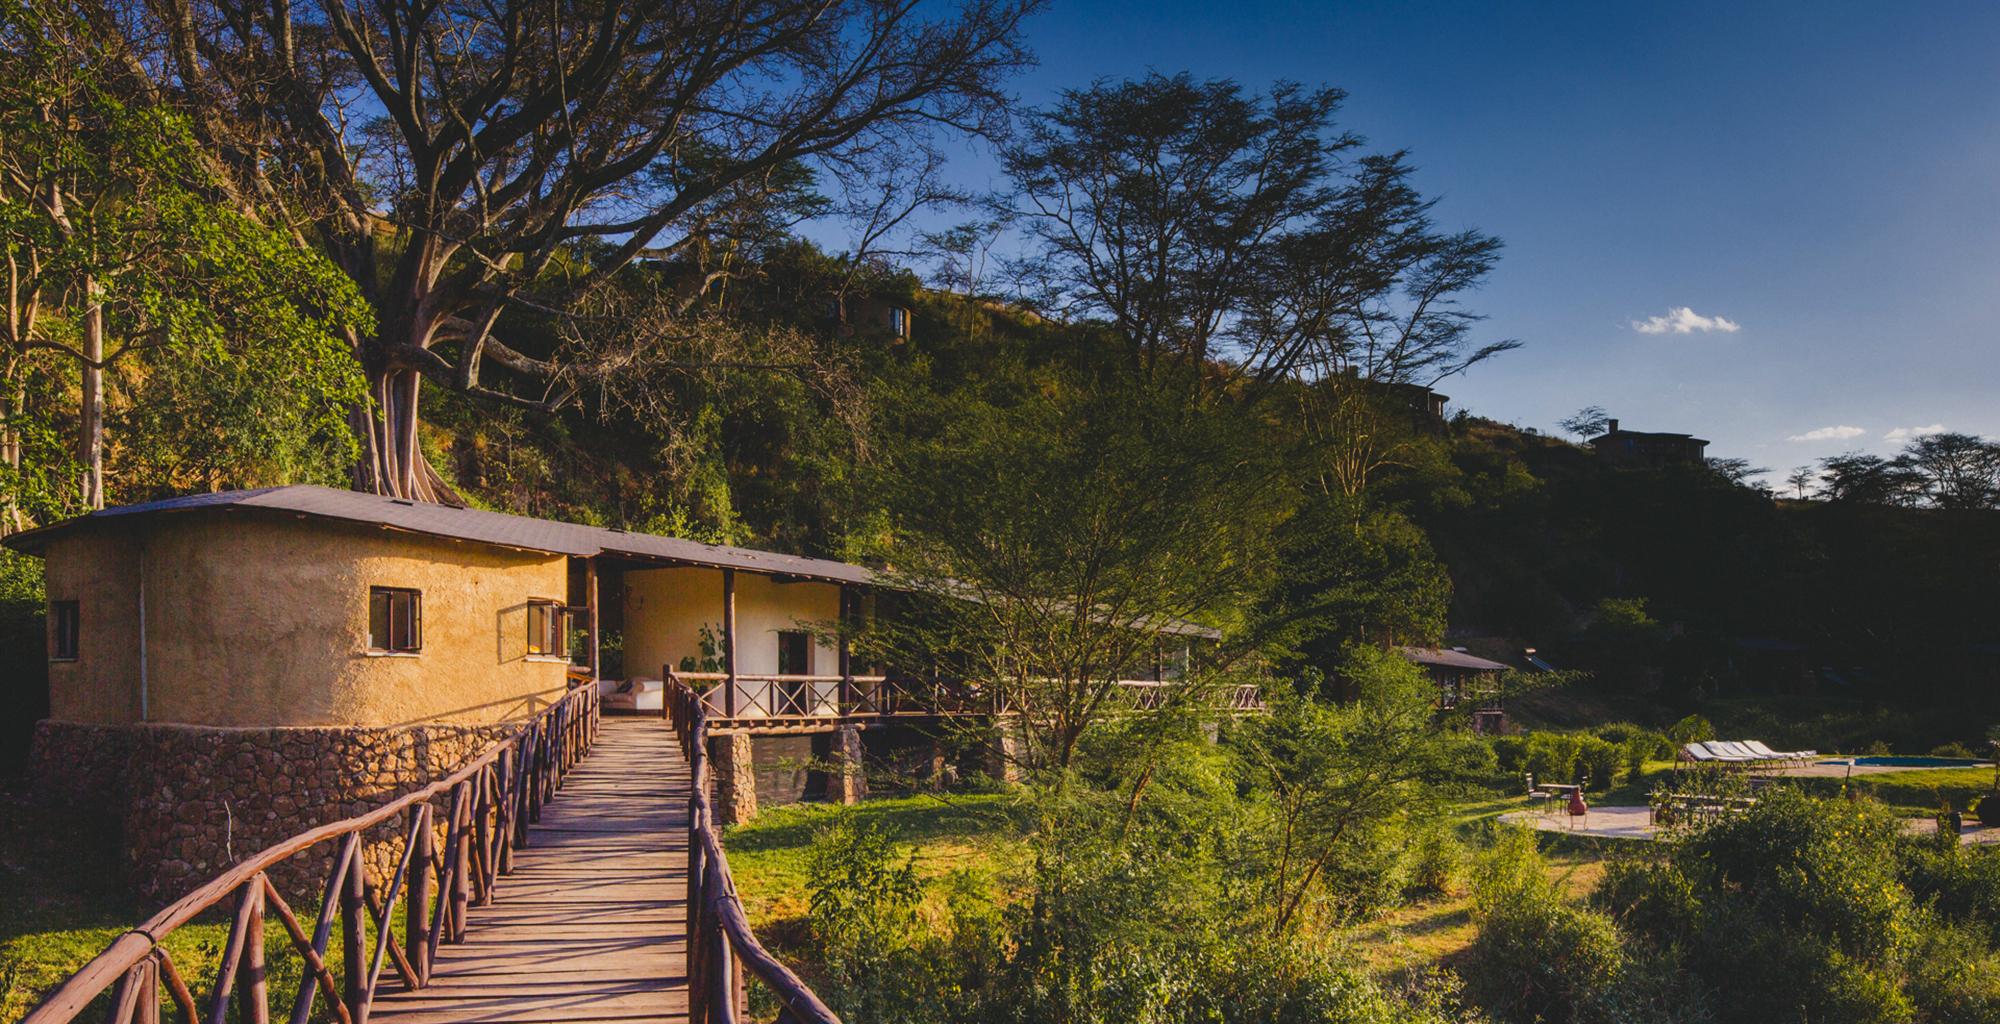 Kenya-Emakoko-Pathway